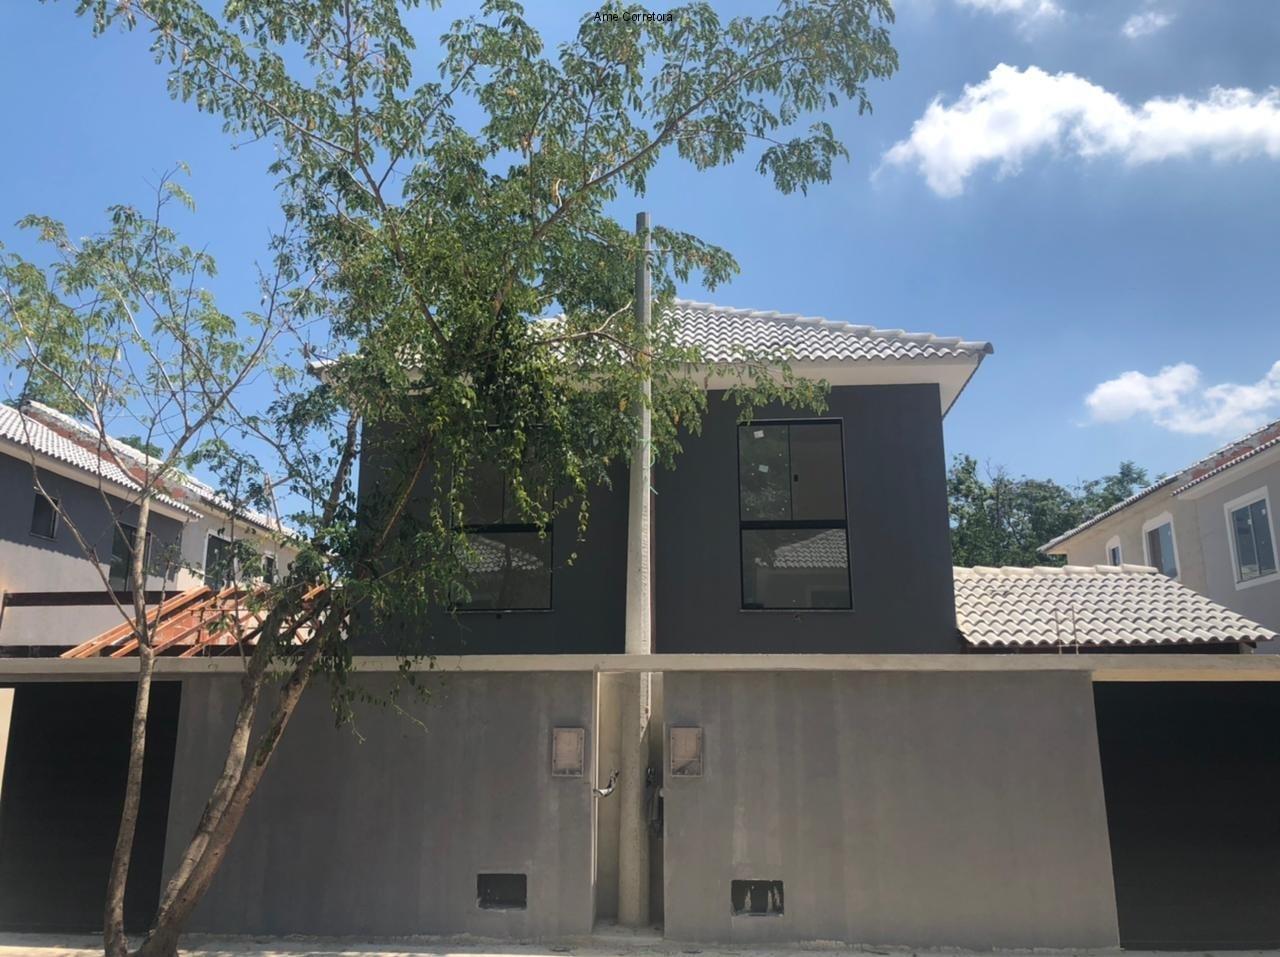 FOTO 01 - Casa 2 quartos à venda Campo Grande, Rio de Janeiro - R$ 230.000 - CA00837 - 1